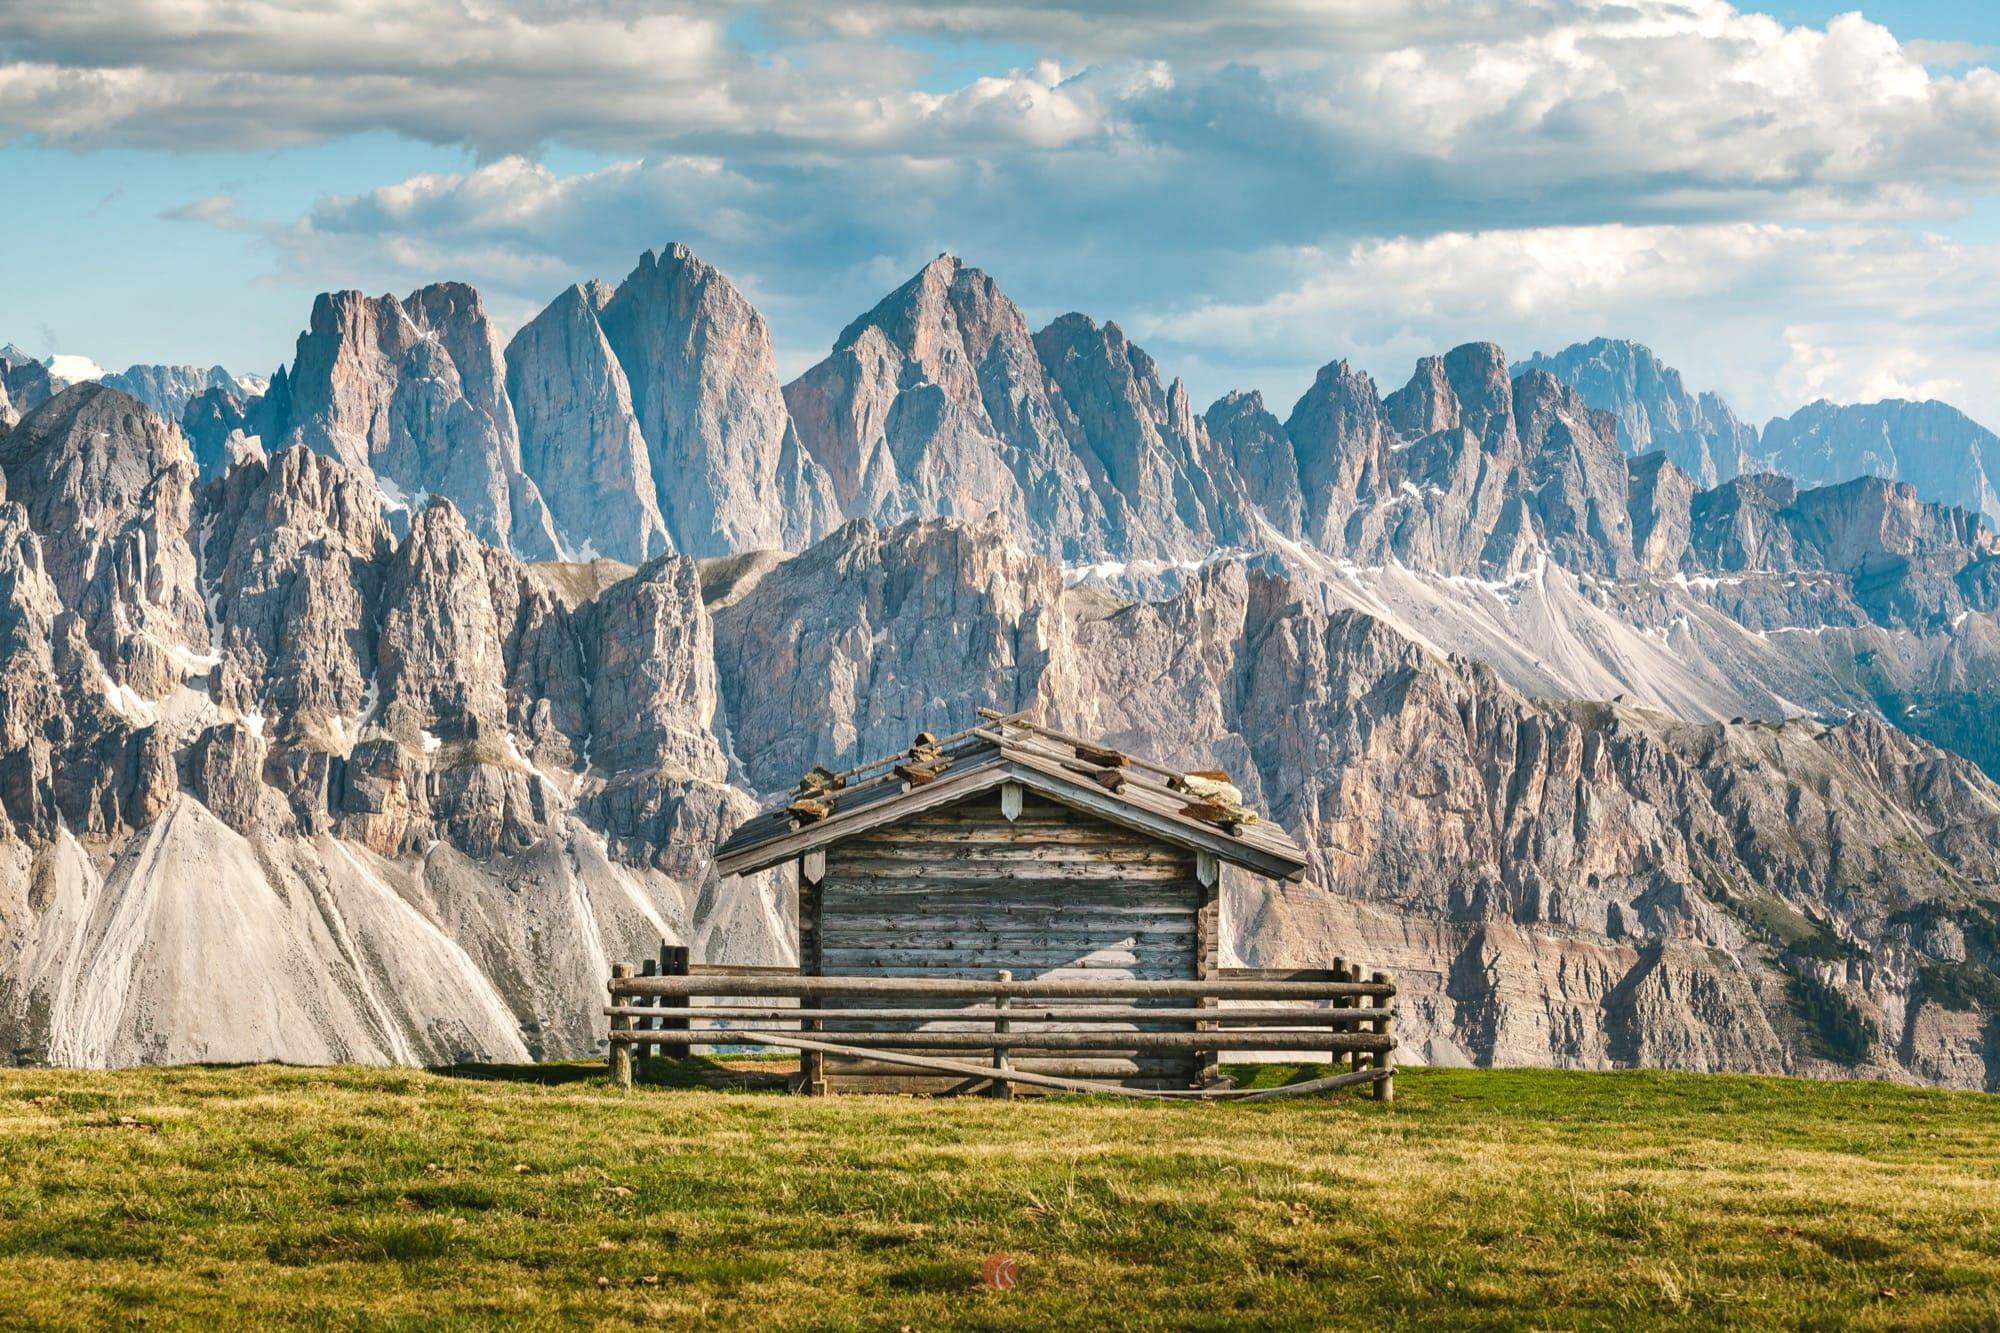 Unsere Kalender 2021 – Südtirol, Gardasee, Schottland, Südengland